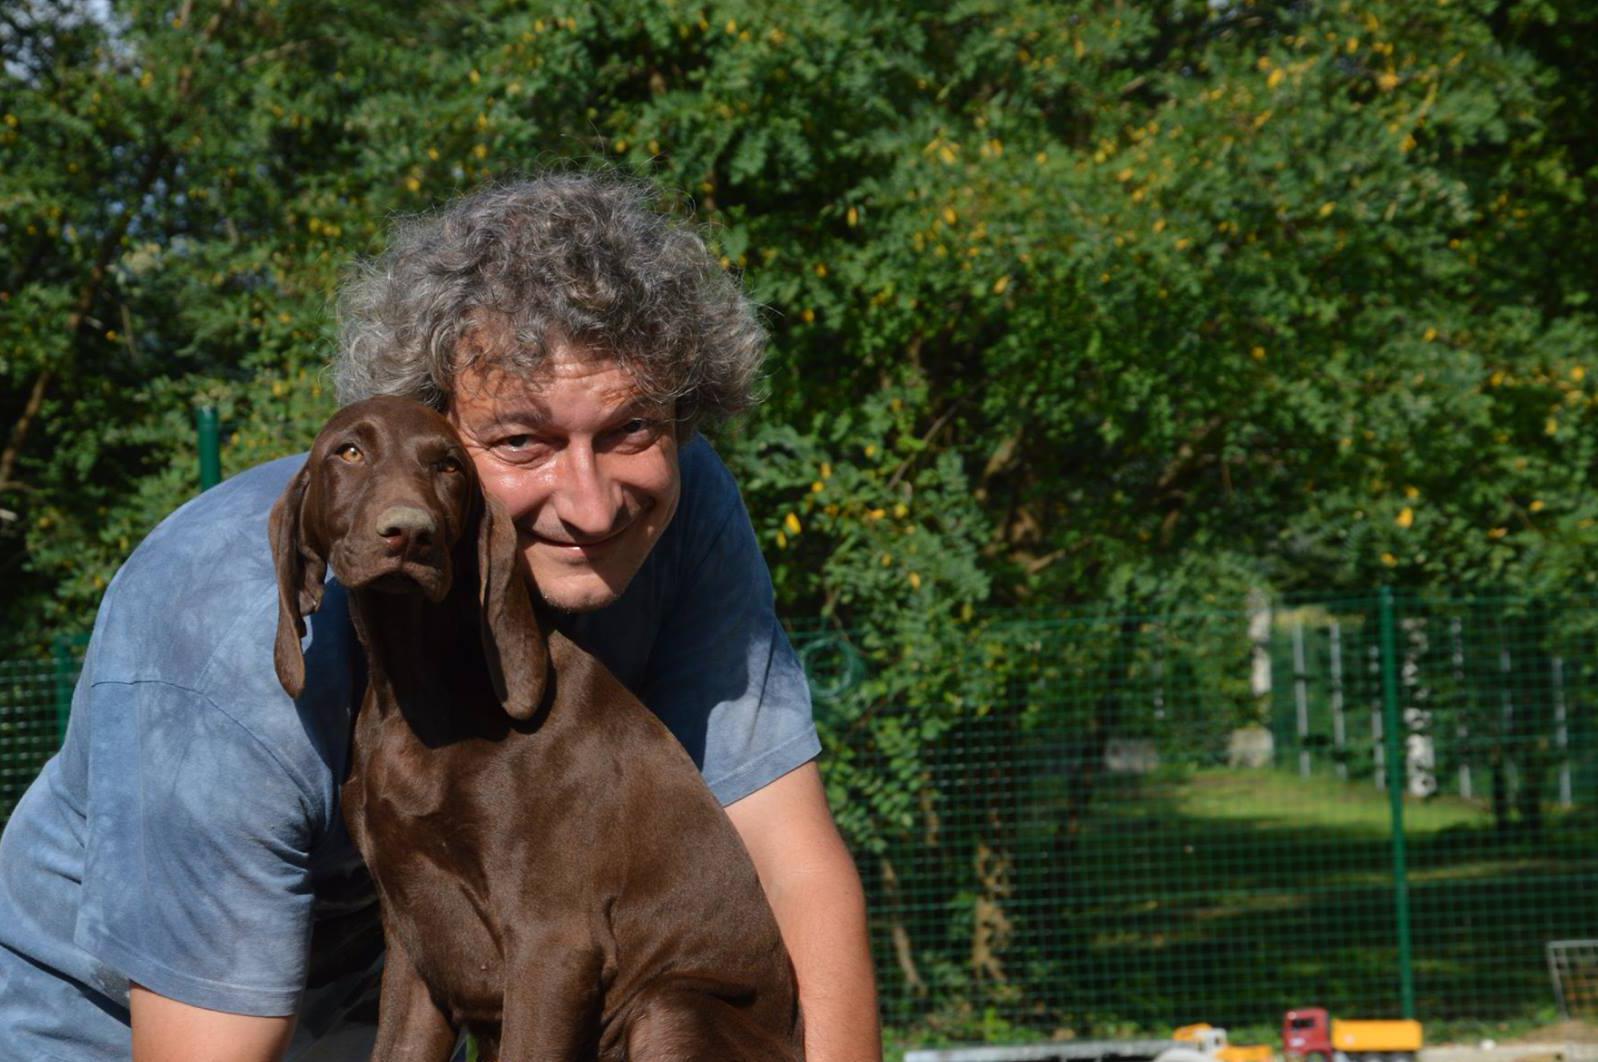 dog_island_di_tarcento_dennis_spagnul_allevatore